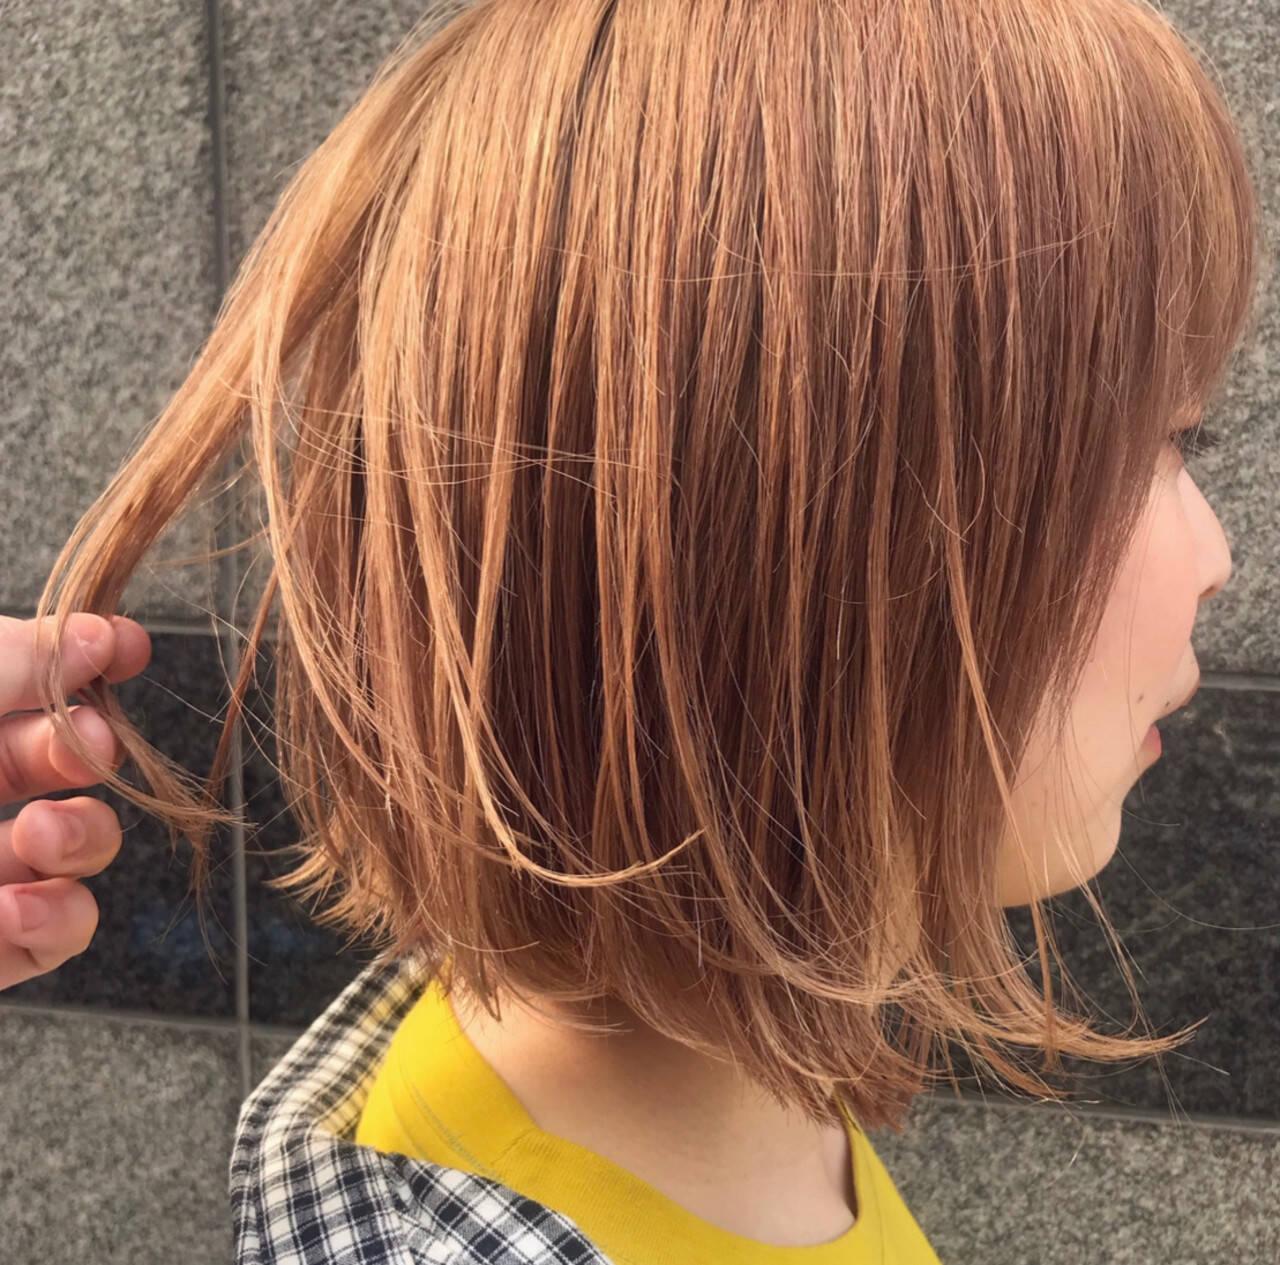 ナチュラル ボブヘアー ボブ オレンジカラーヘアスタイルや髪型の写真・画像